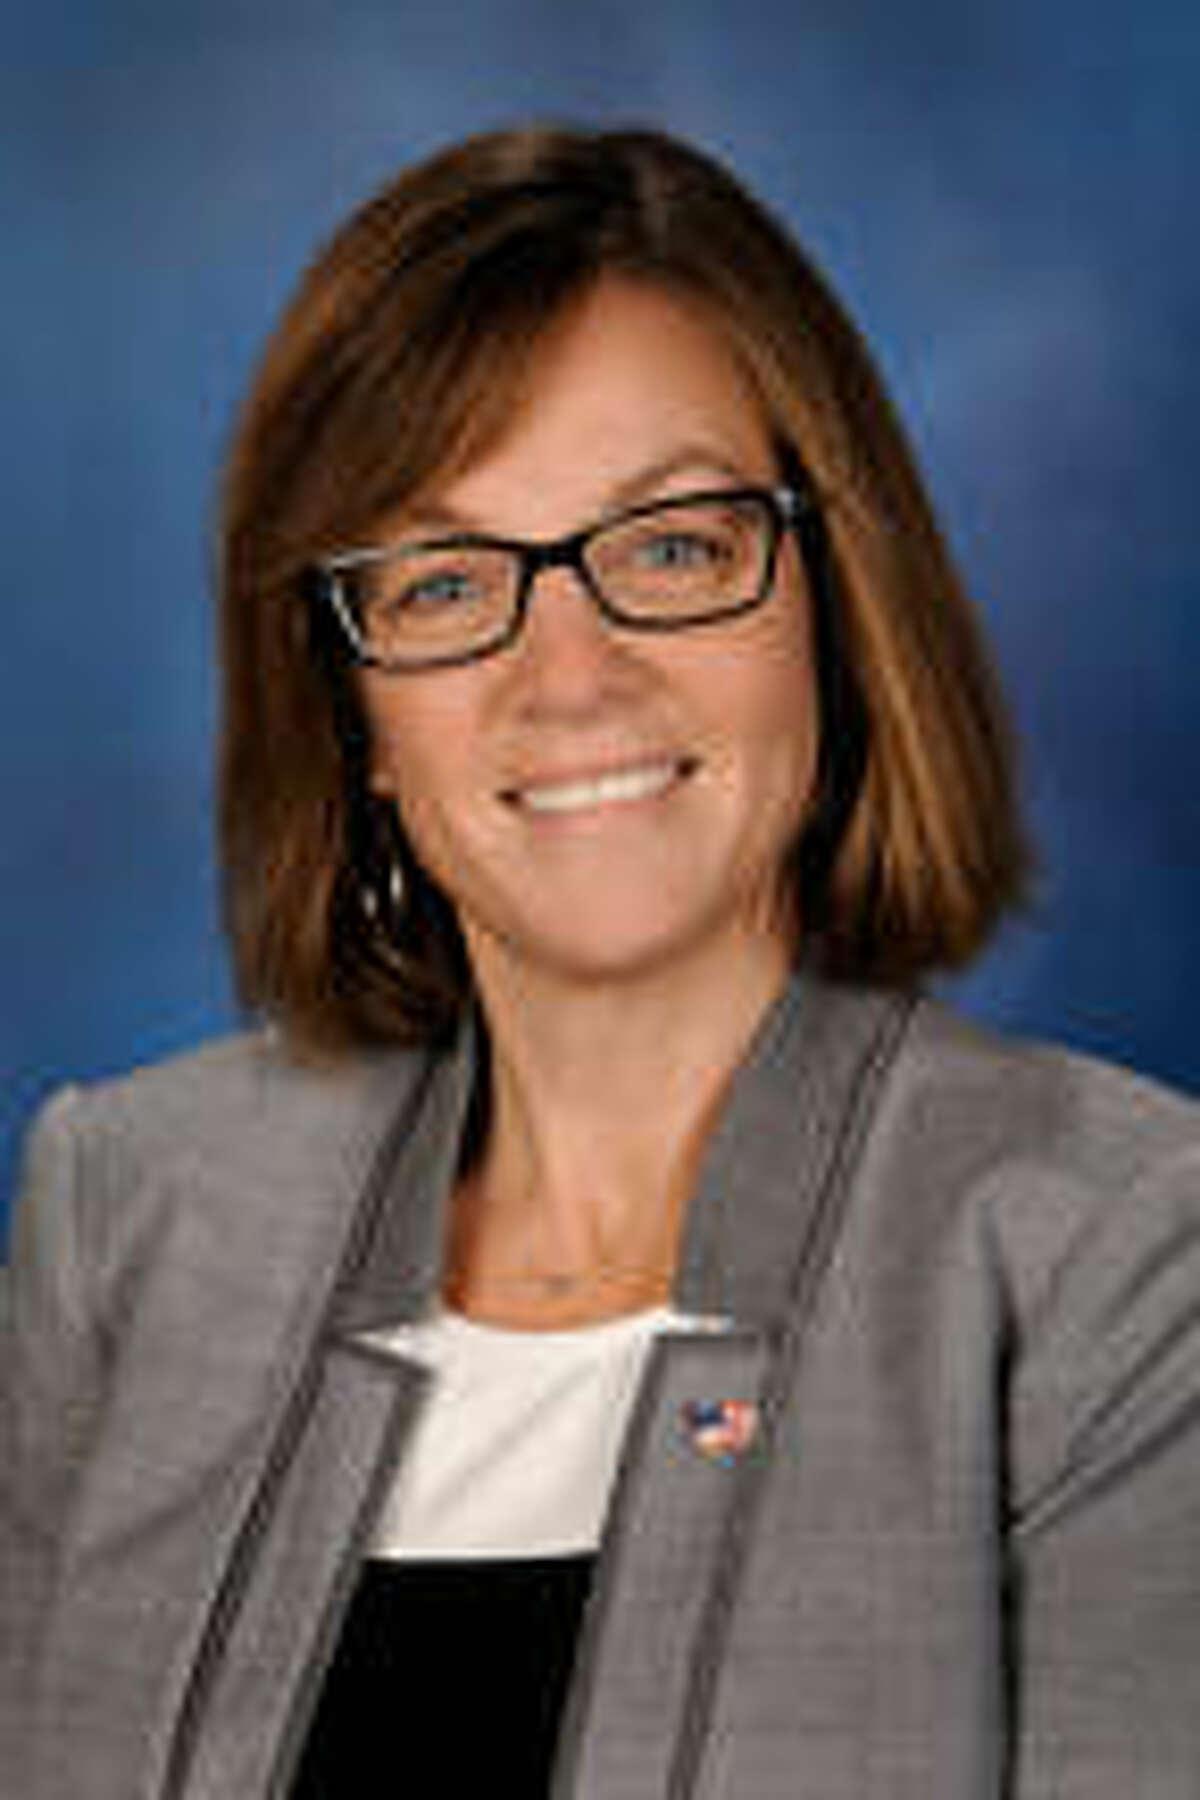 Rep. Katie Stuart, D-Edwardsville.